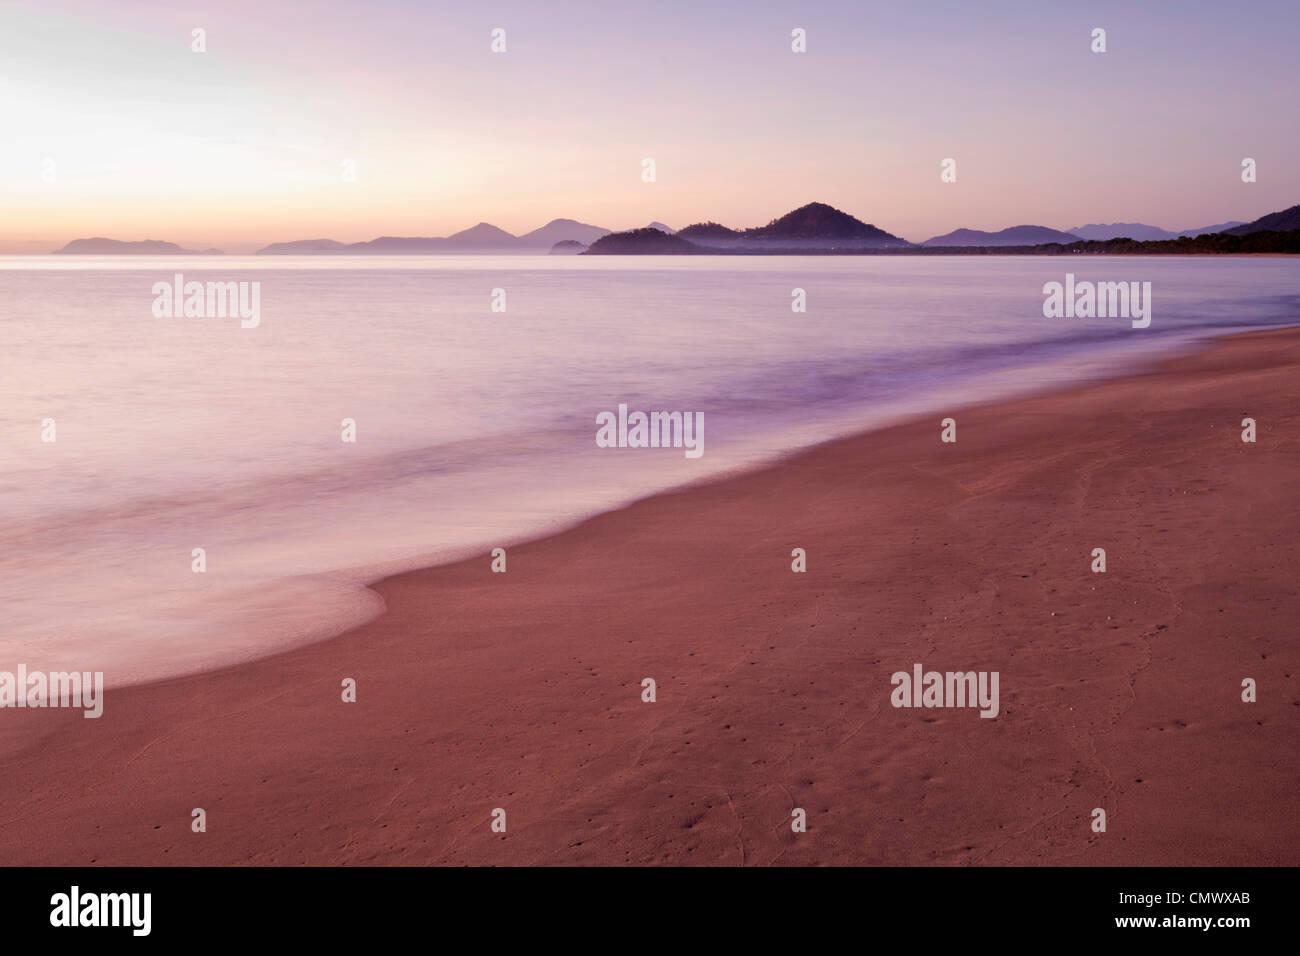 Afficher le long de la plage à l'aube. Machans Beach, Cairns, Queensland, Australie Photo Stock